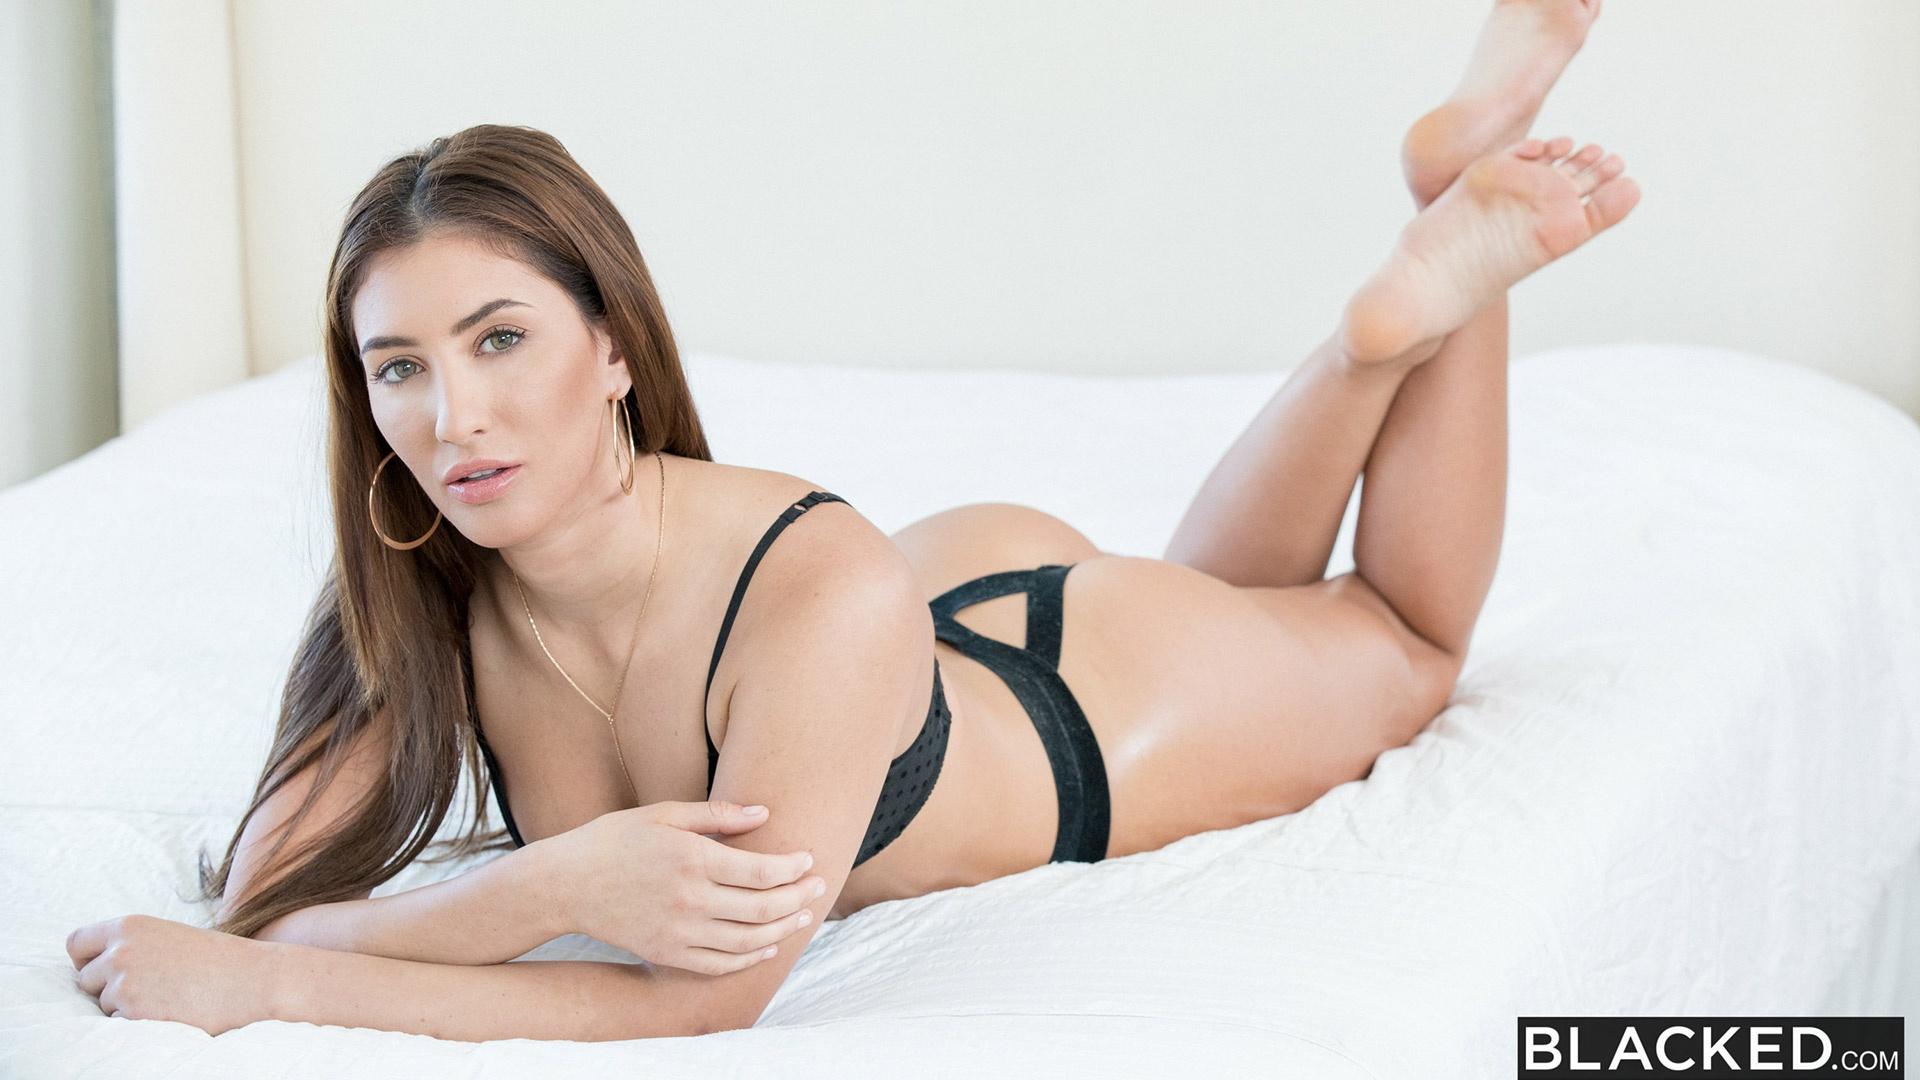 Vanessa blue naked videos